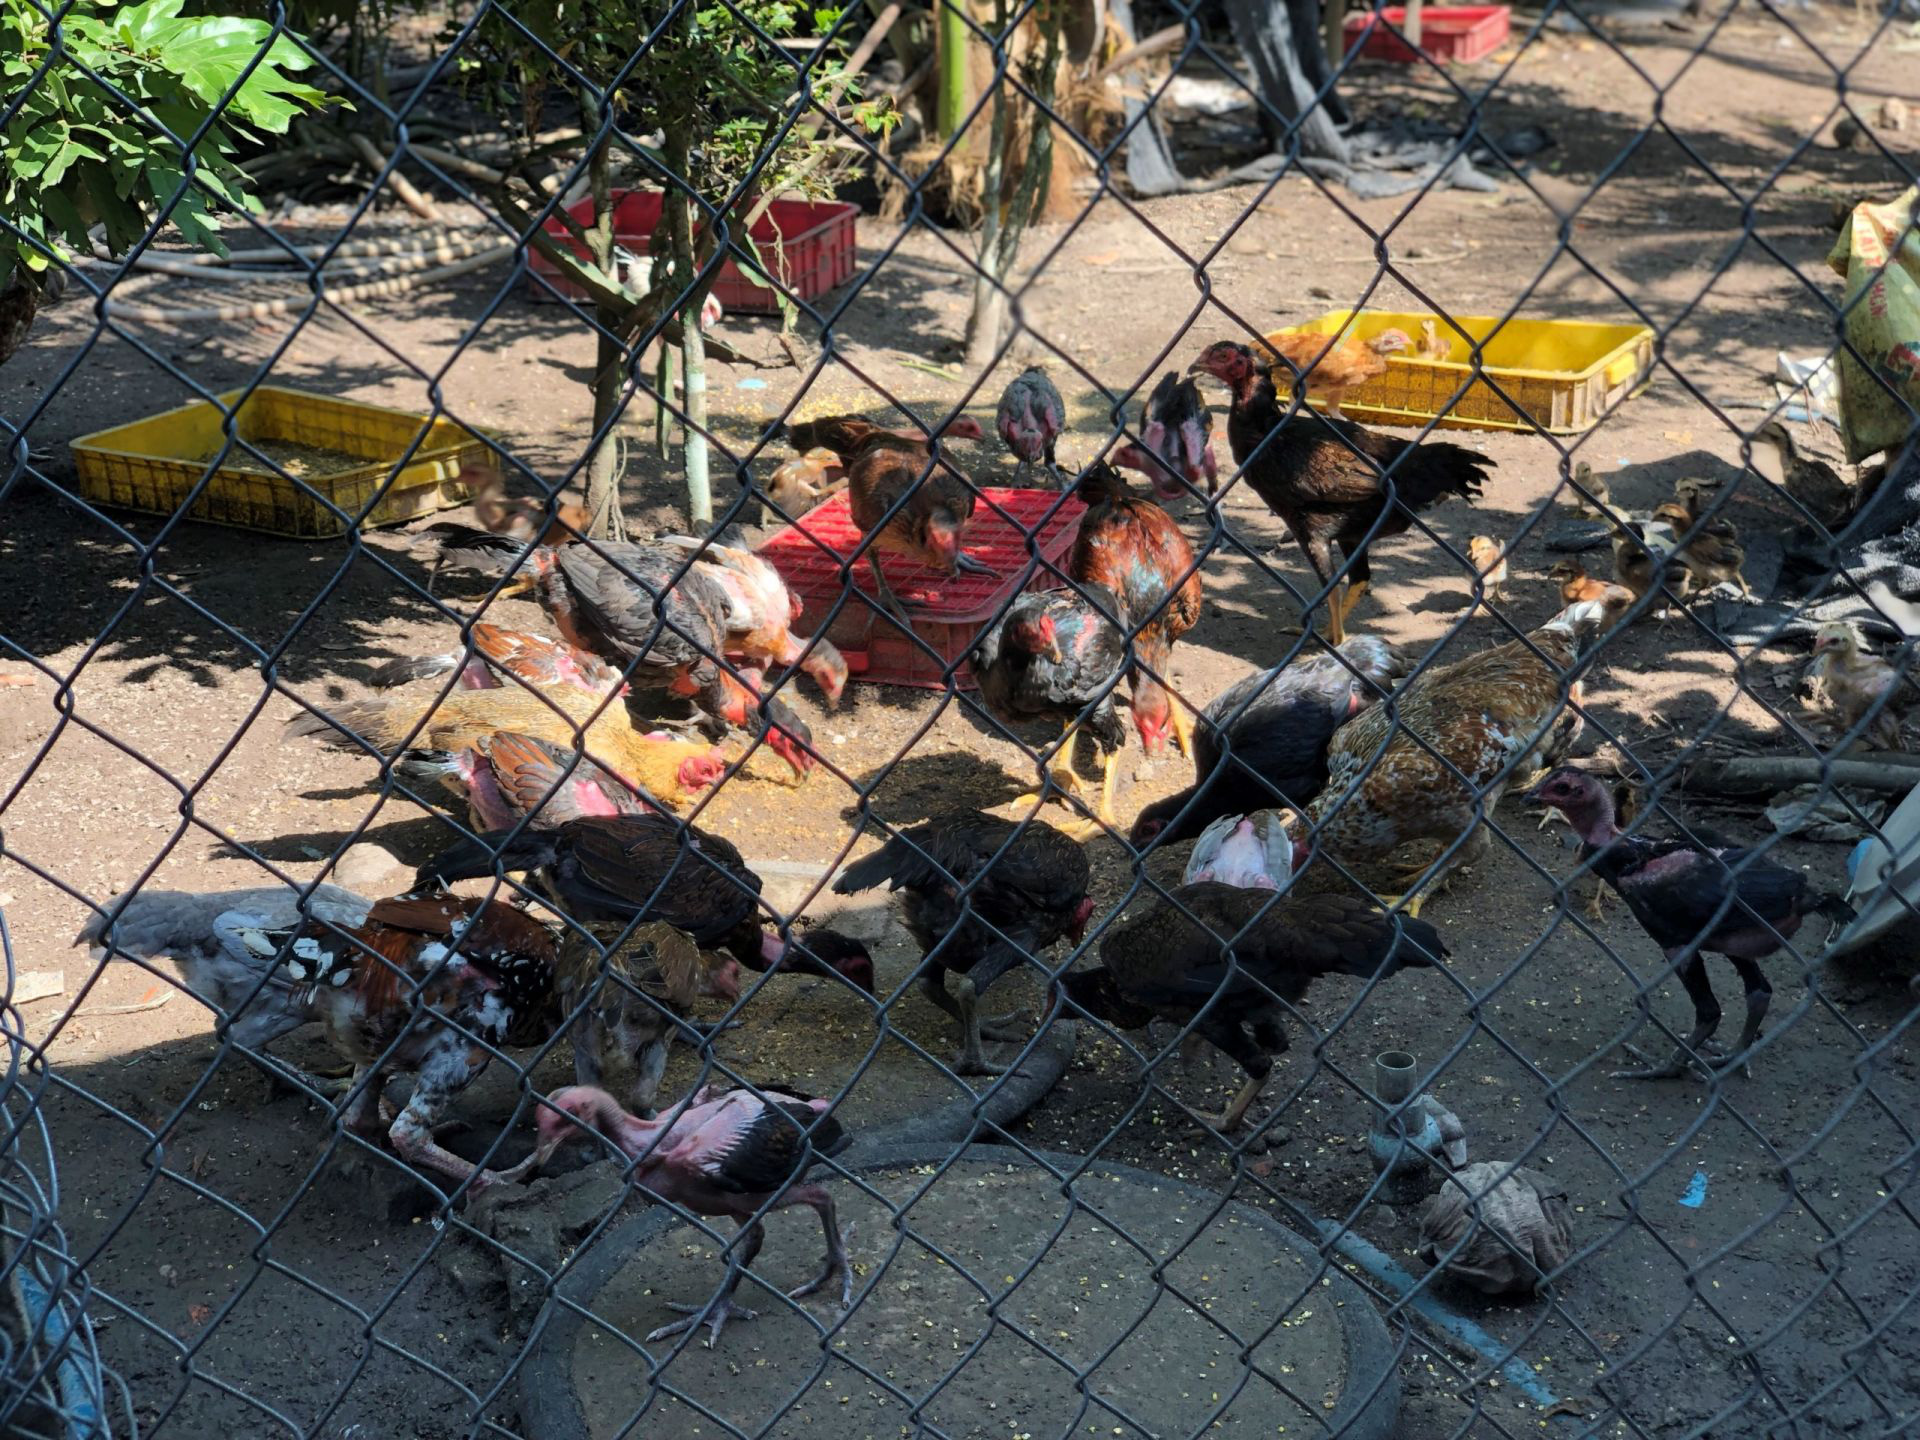 Tây Ninh: Nuôi loài ruồi này rồi lấy trứng đem bán giá 3 triệu đồng/100 gram trứng ruồi - Ảnh 3.